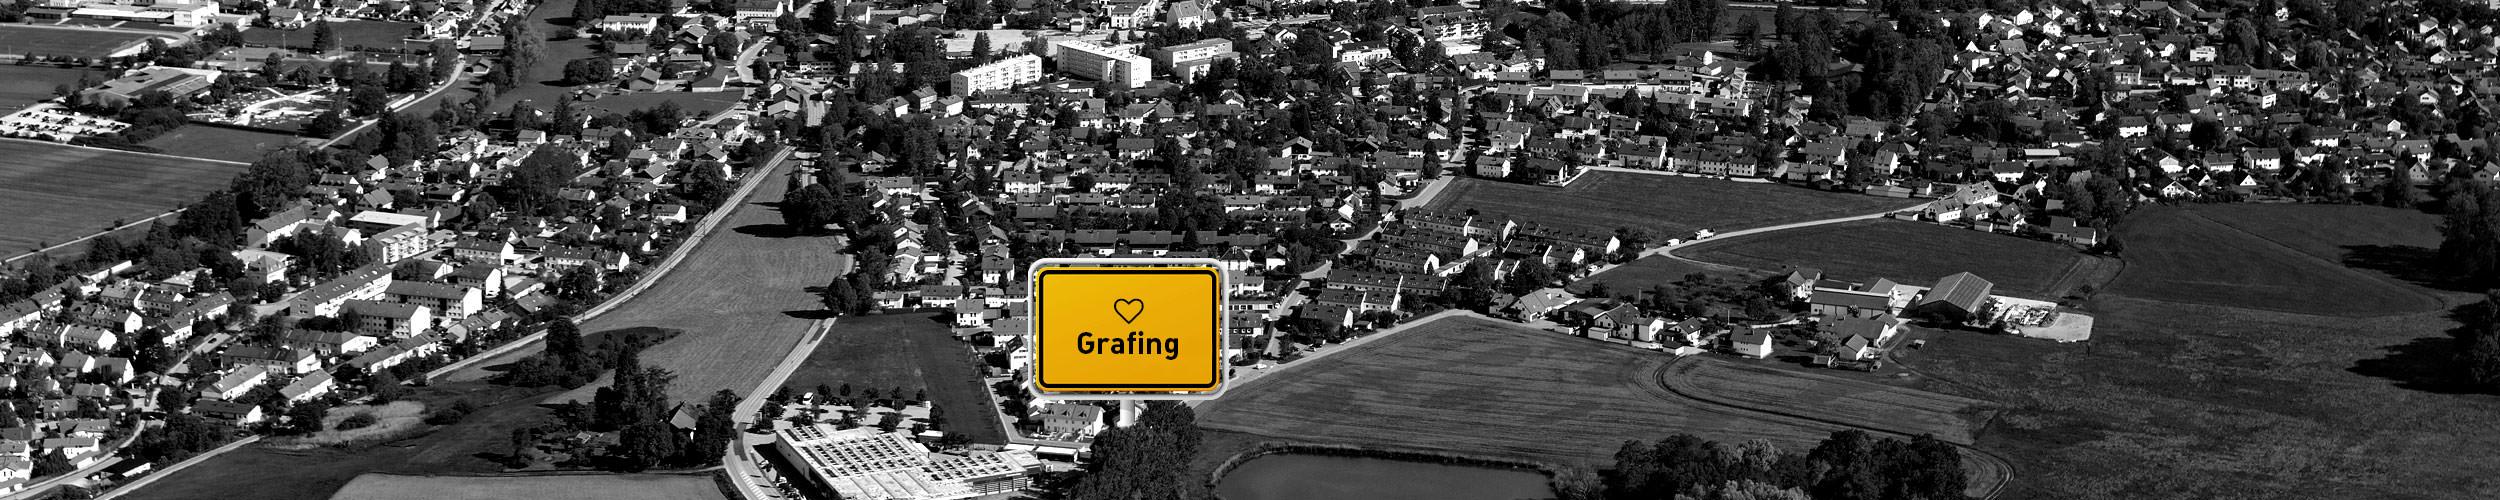 Ihre Werbeagentur für Grafing bei München